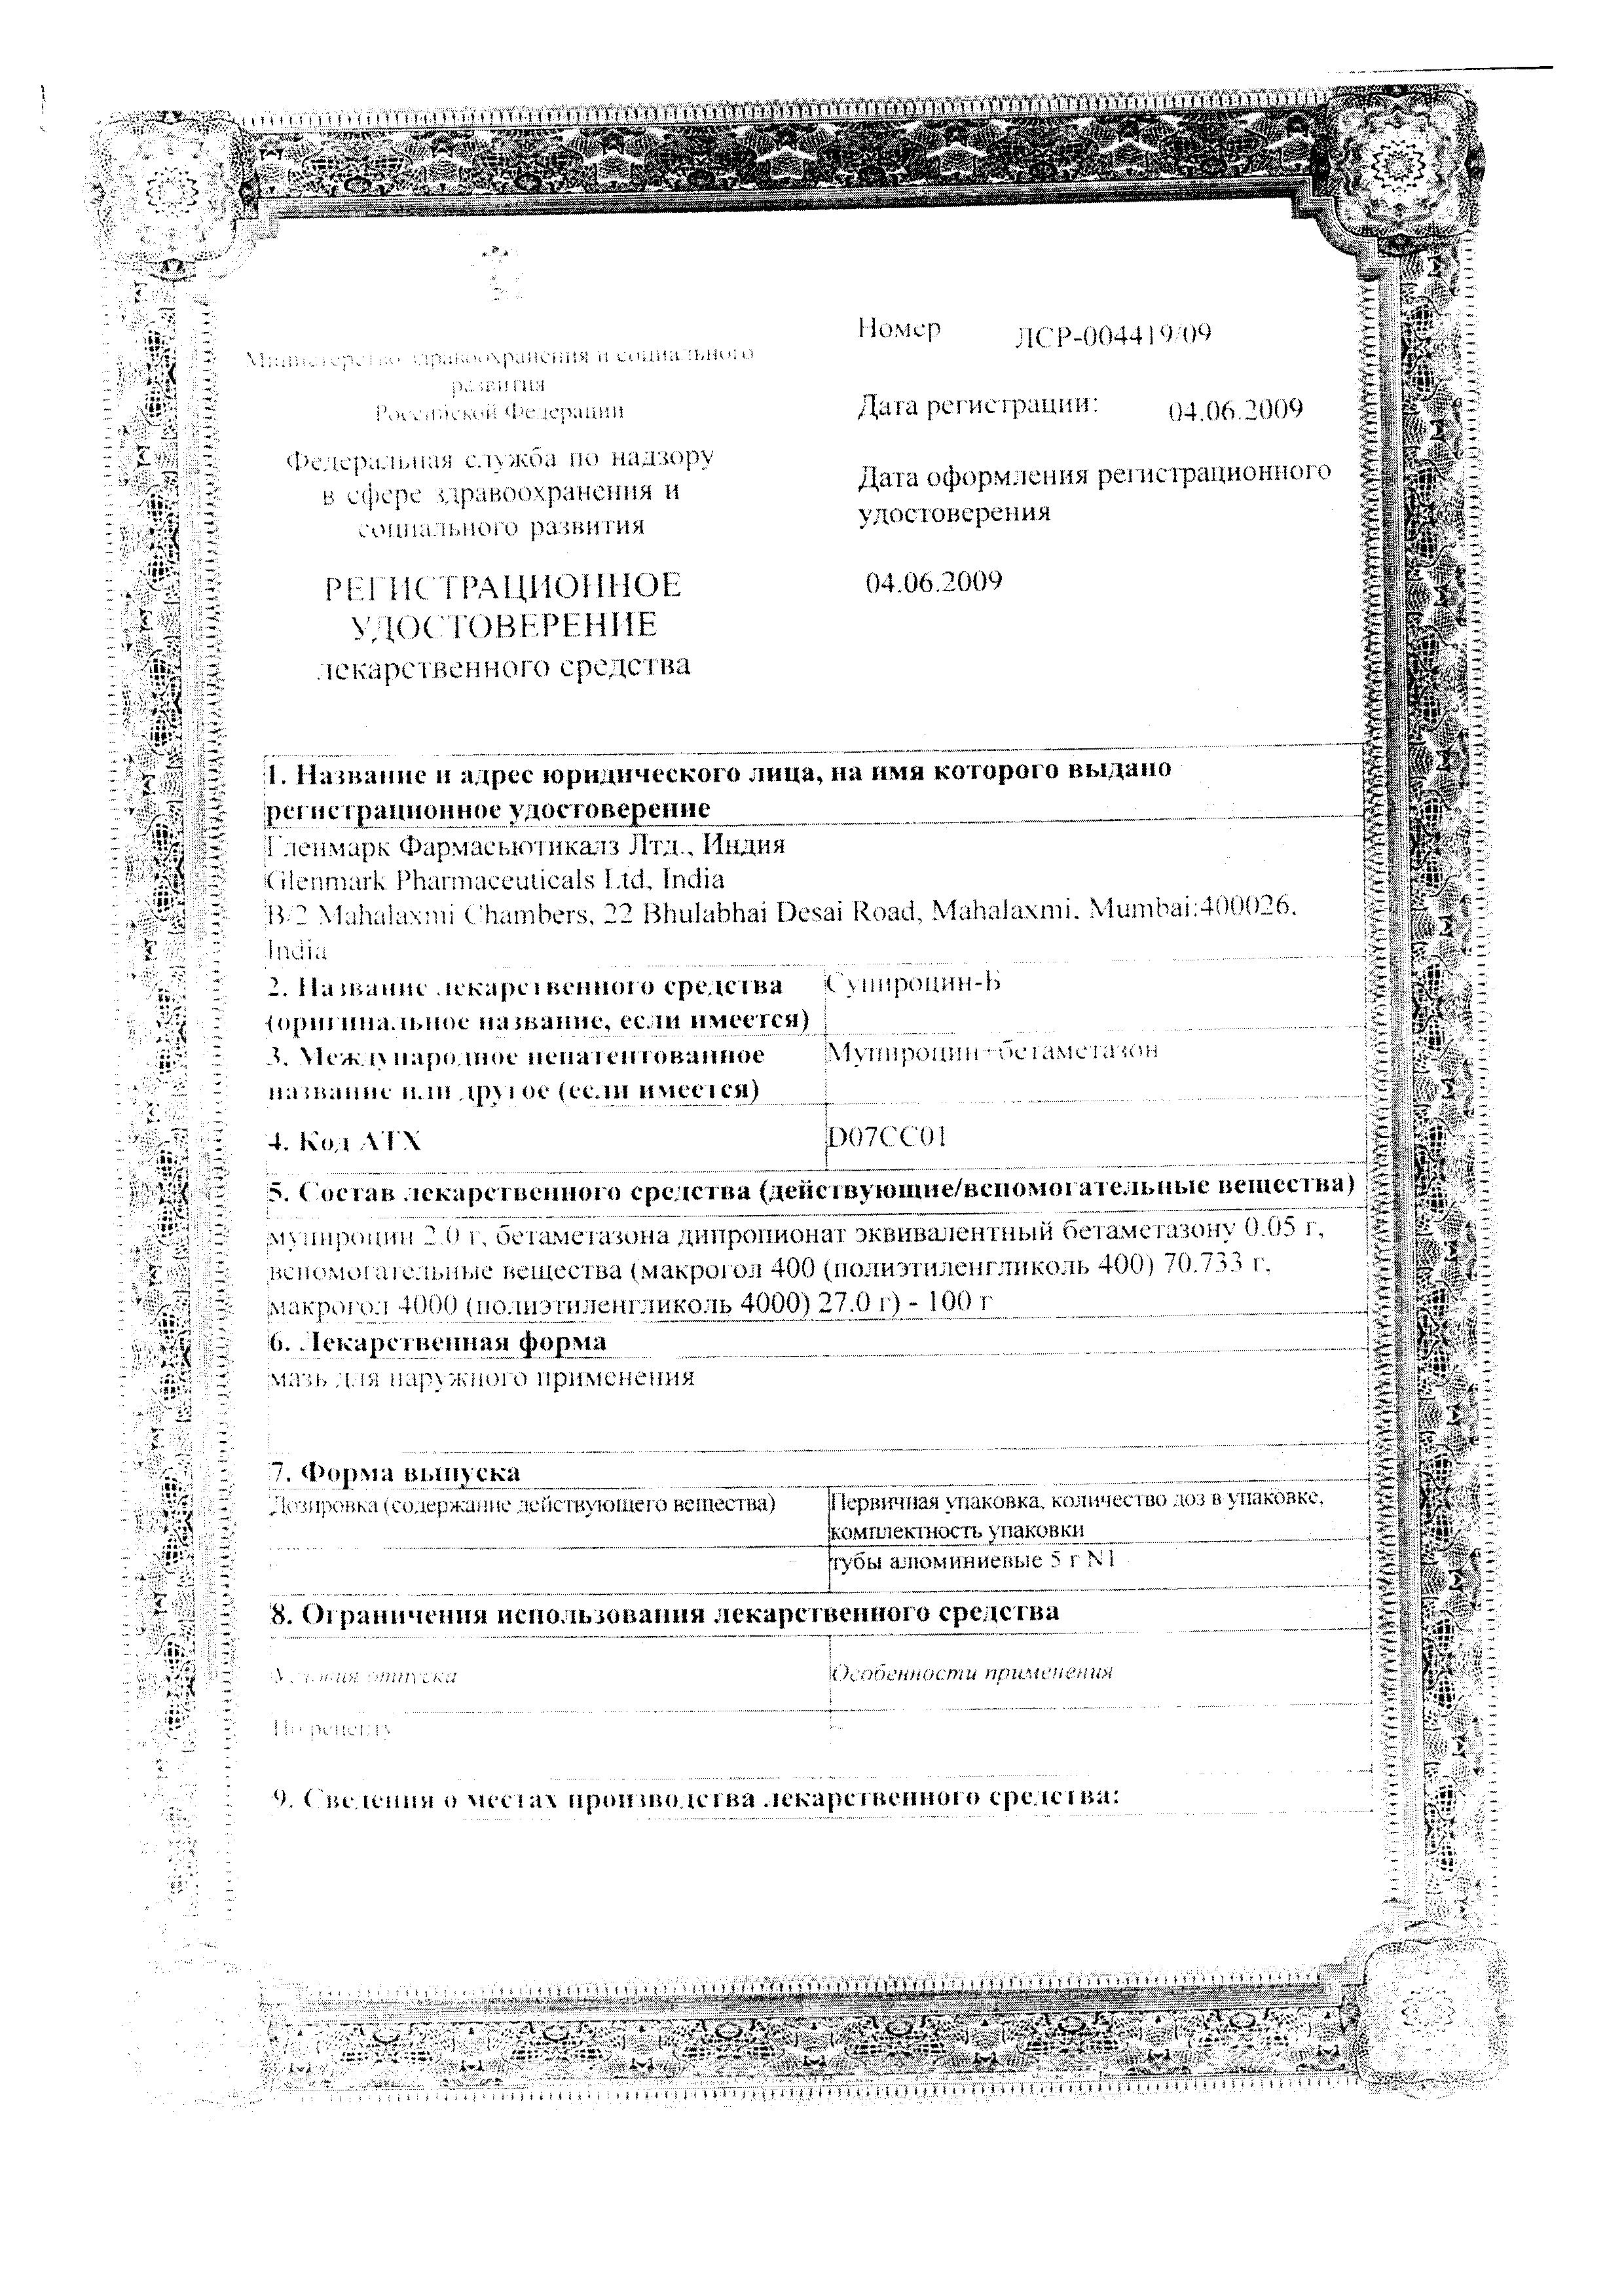 Супироцин-Б сертификат